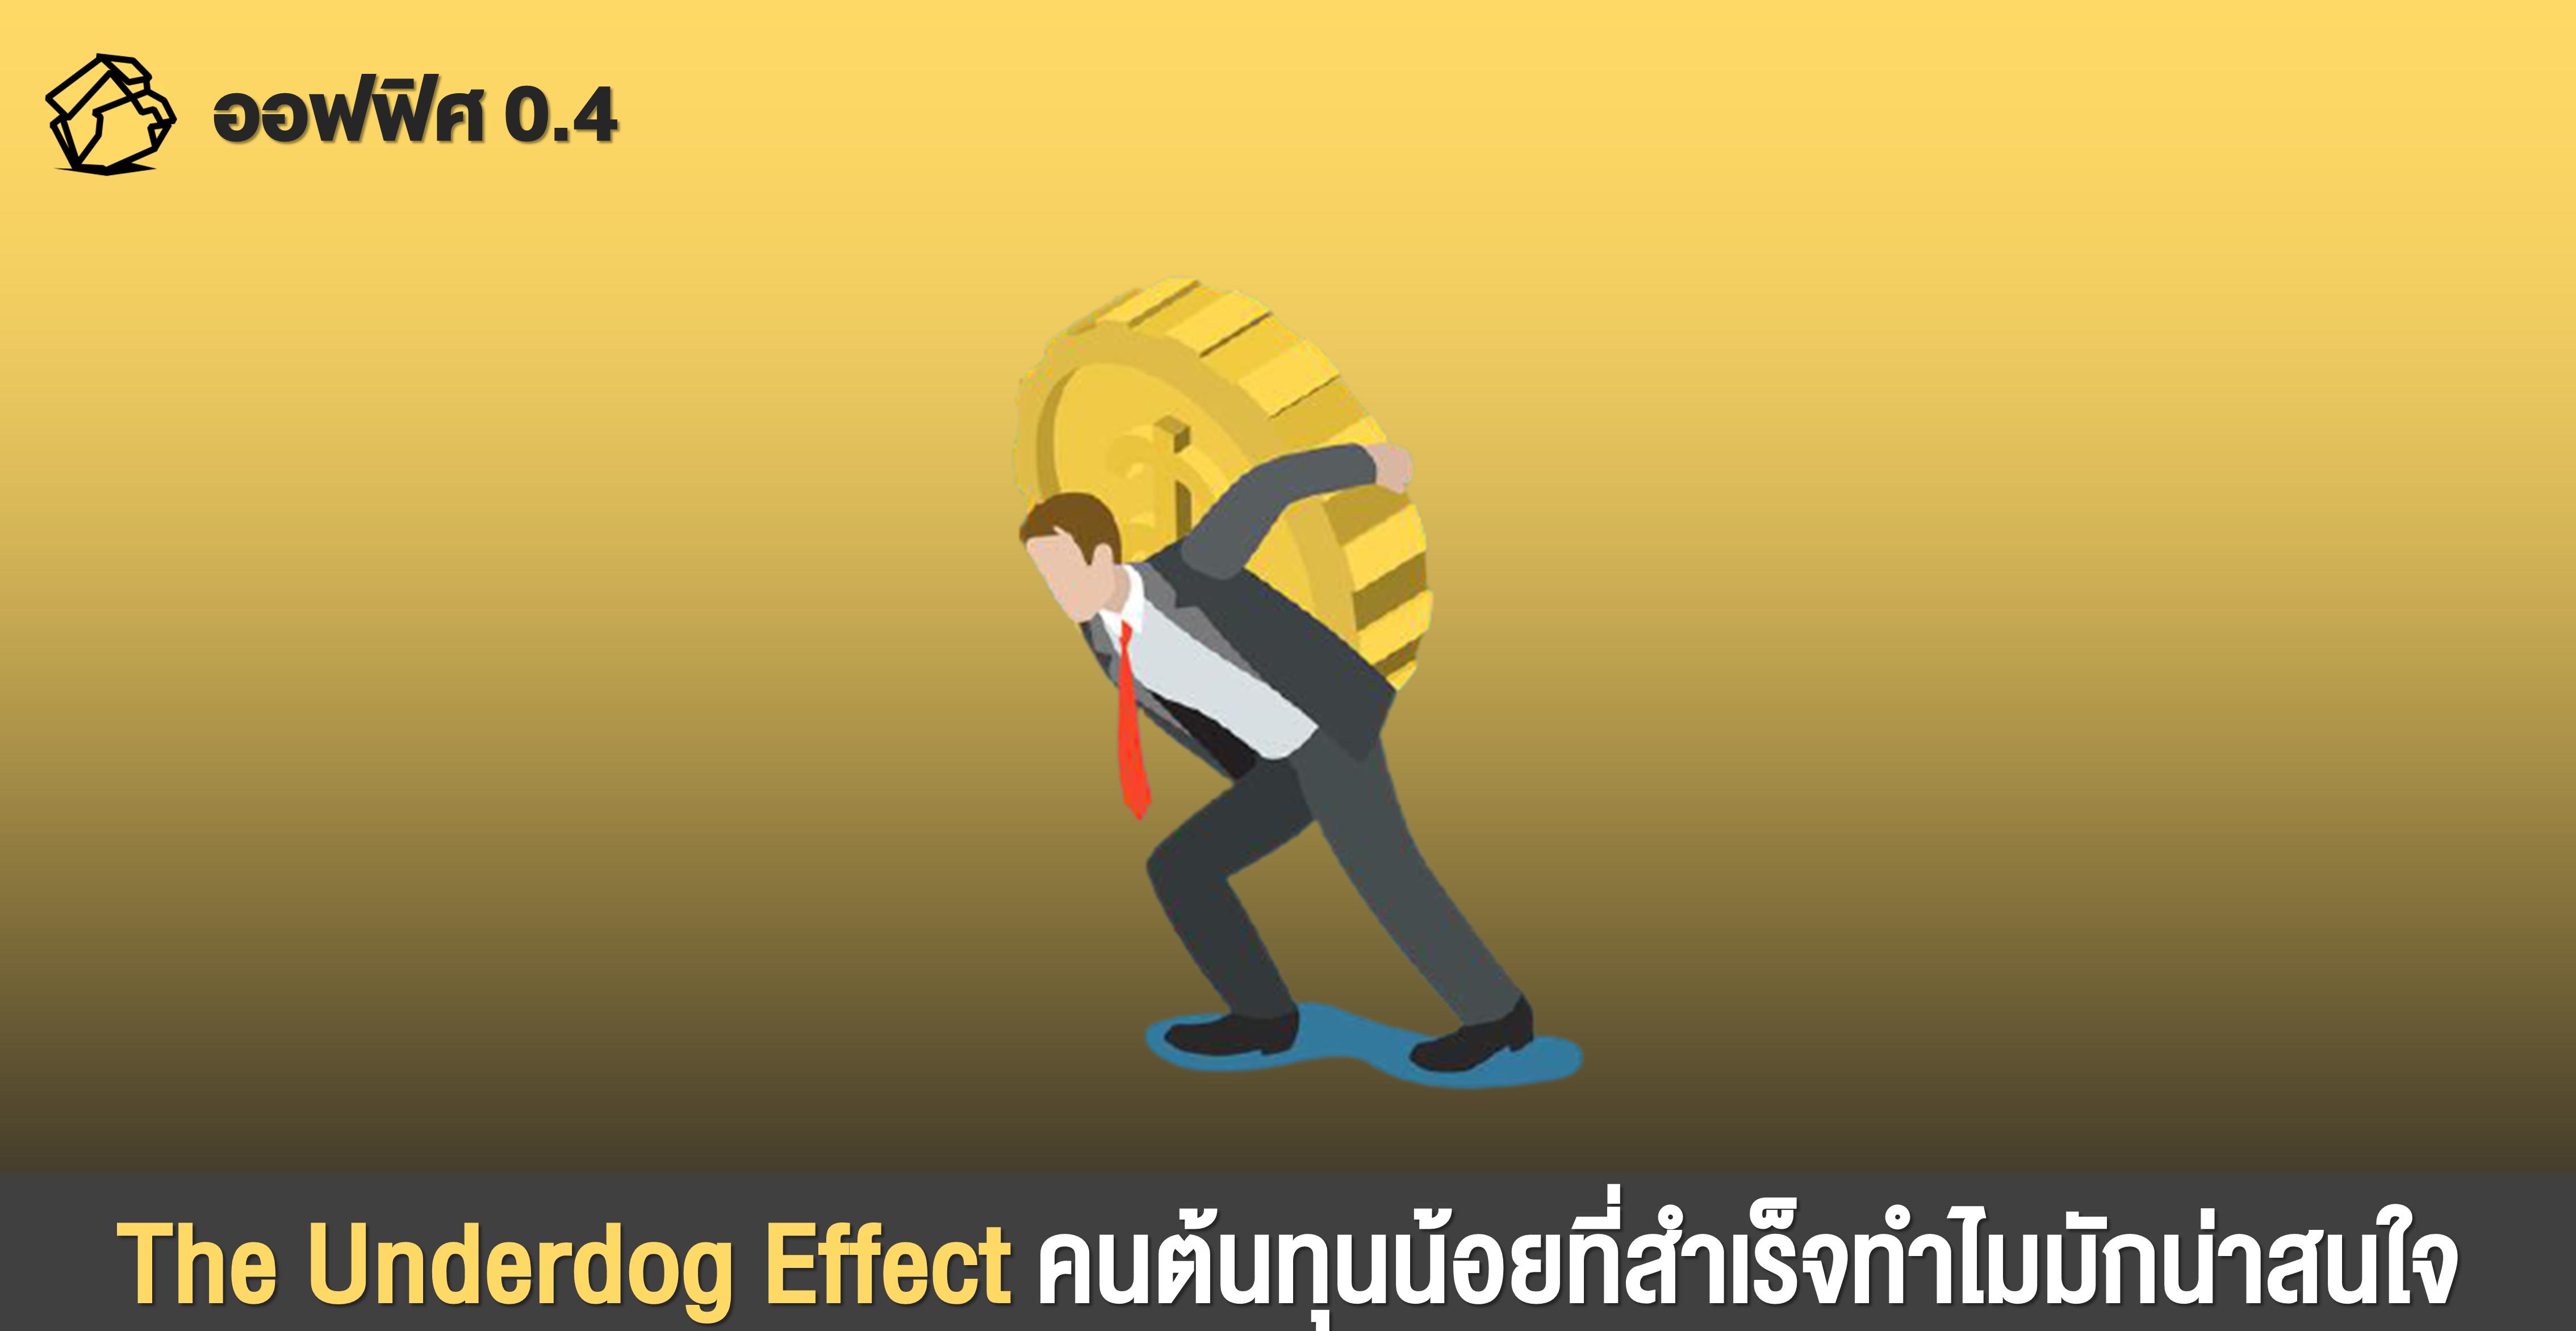 The Underdog Effect